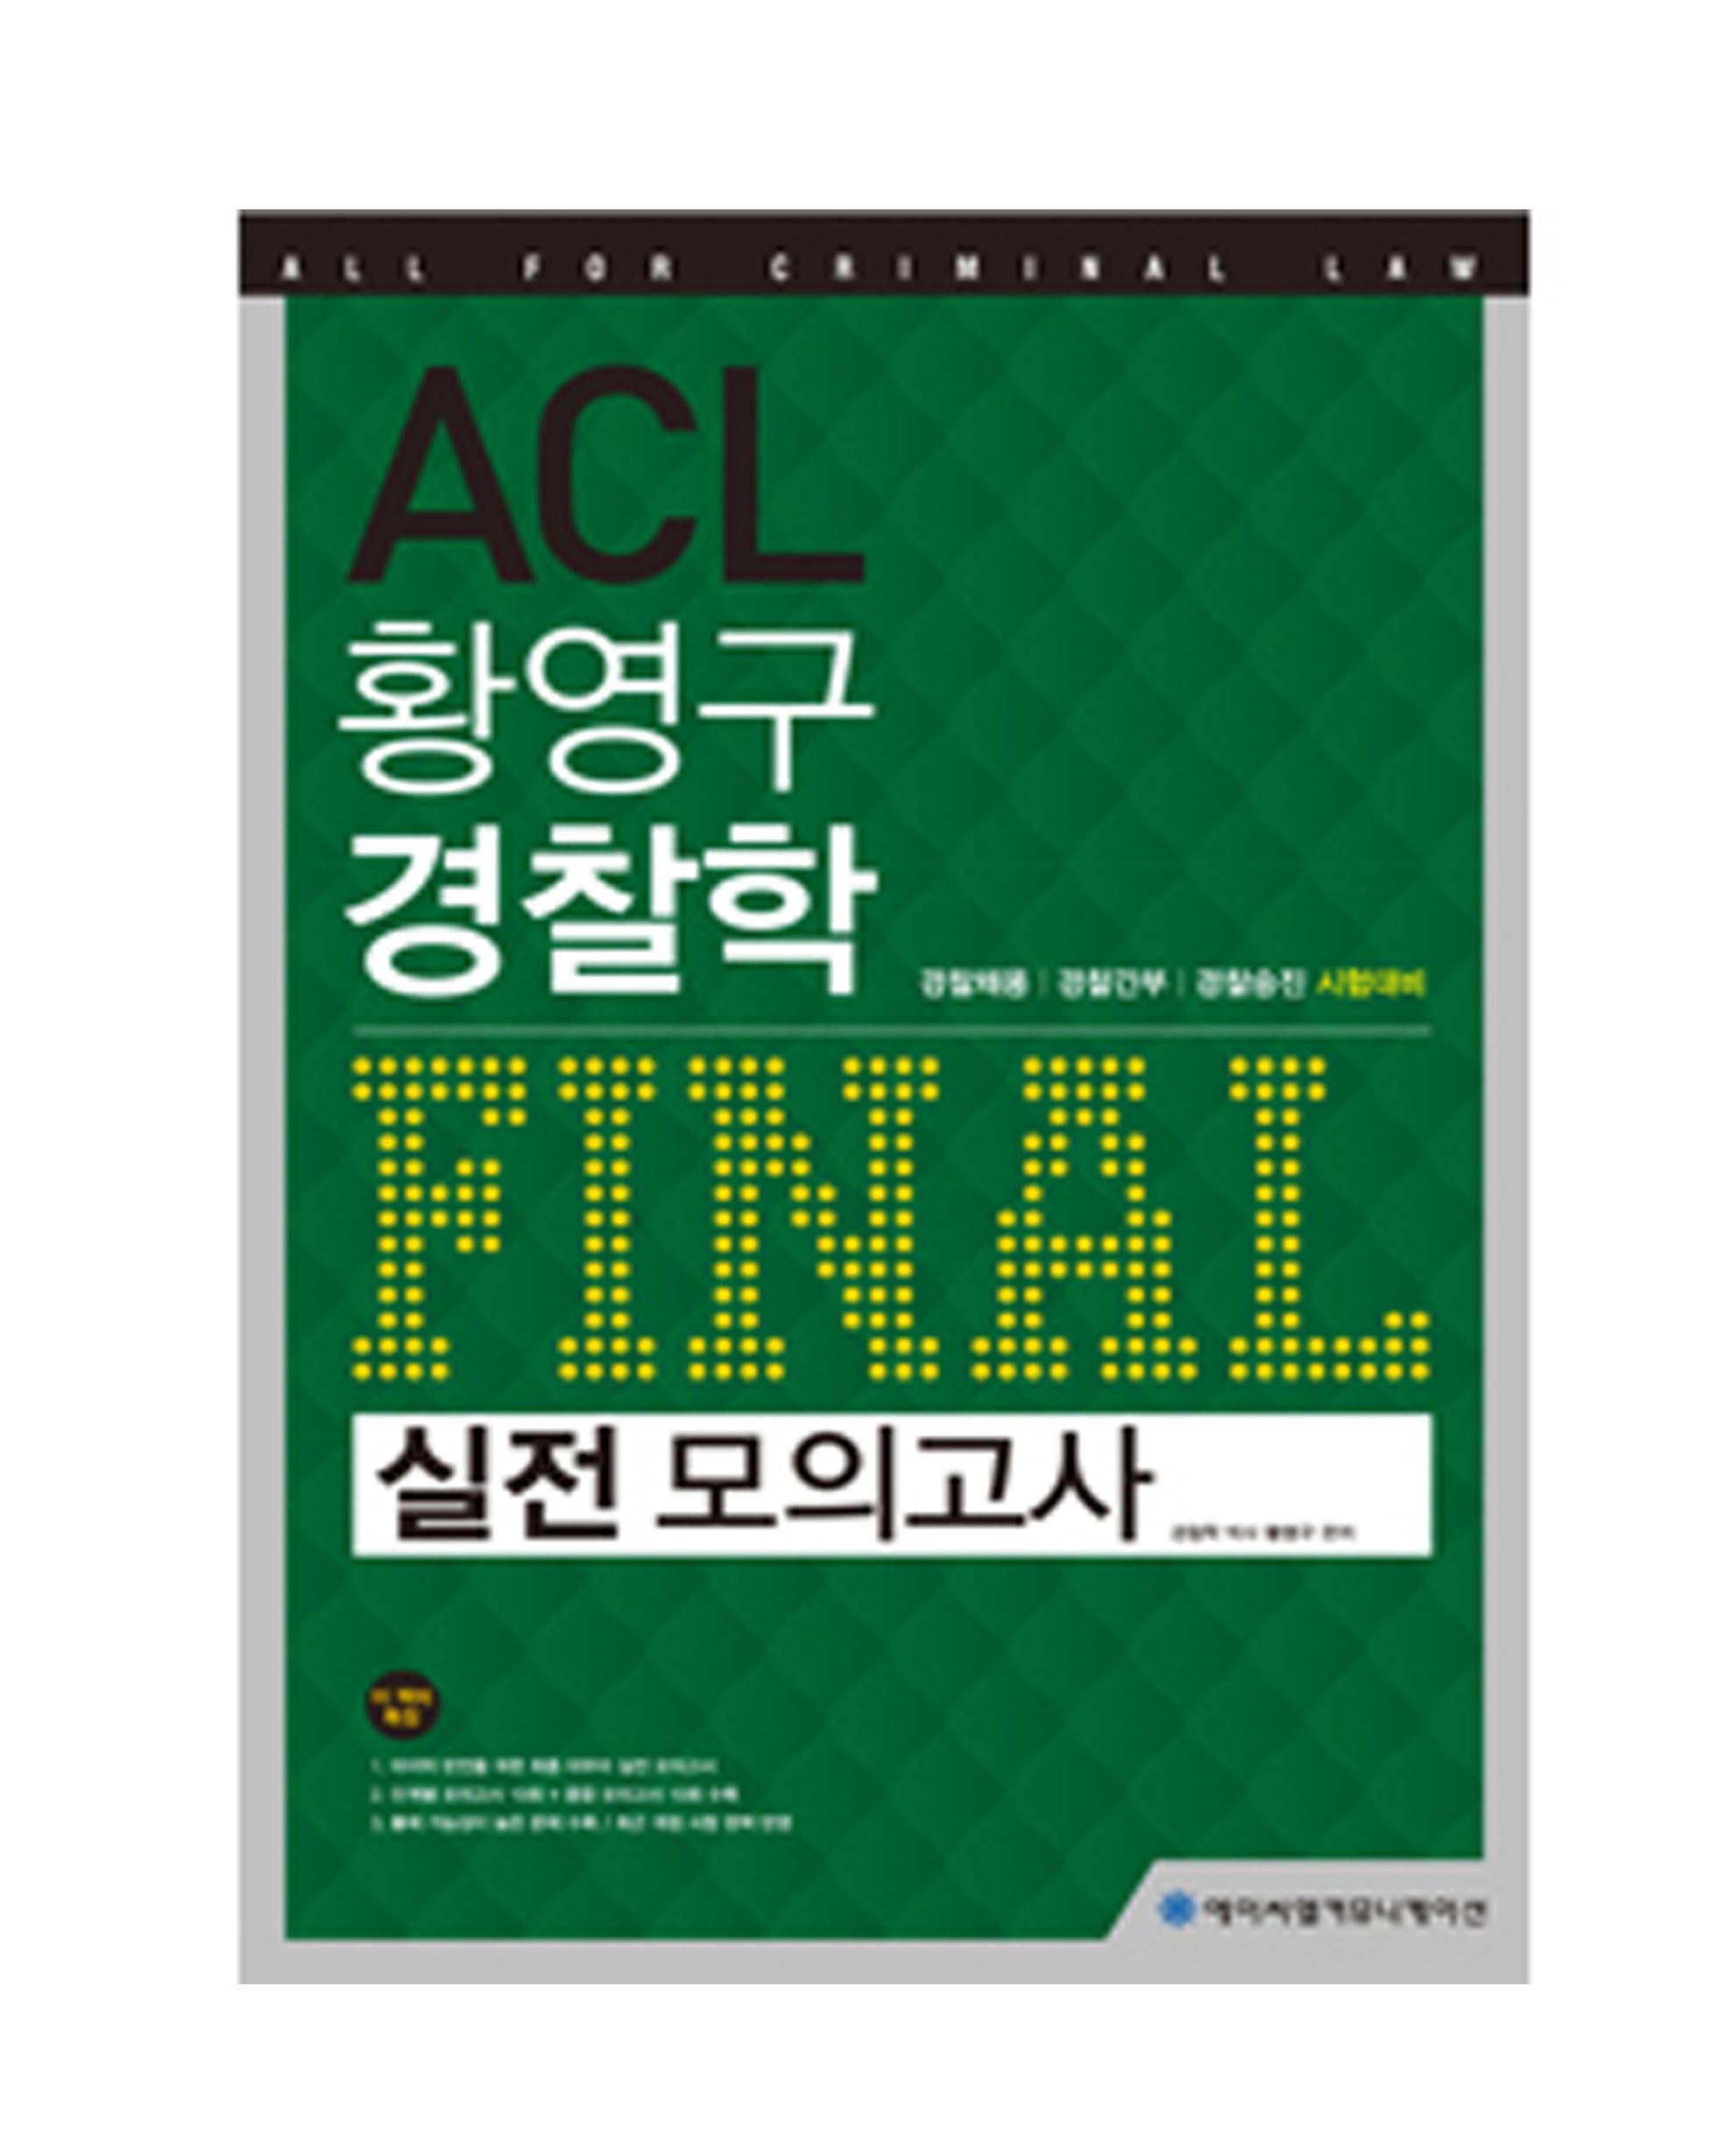 2016 황영구 경찰학 파이널 실전모의고사